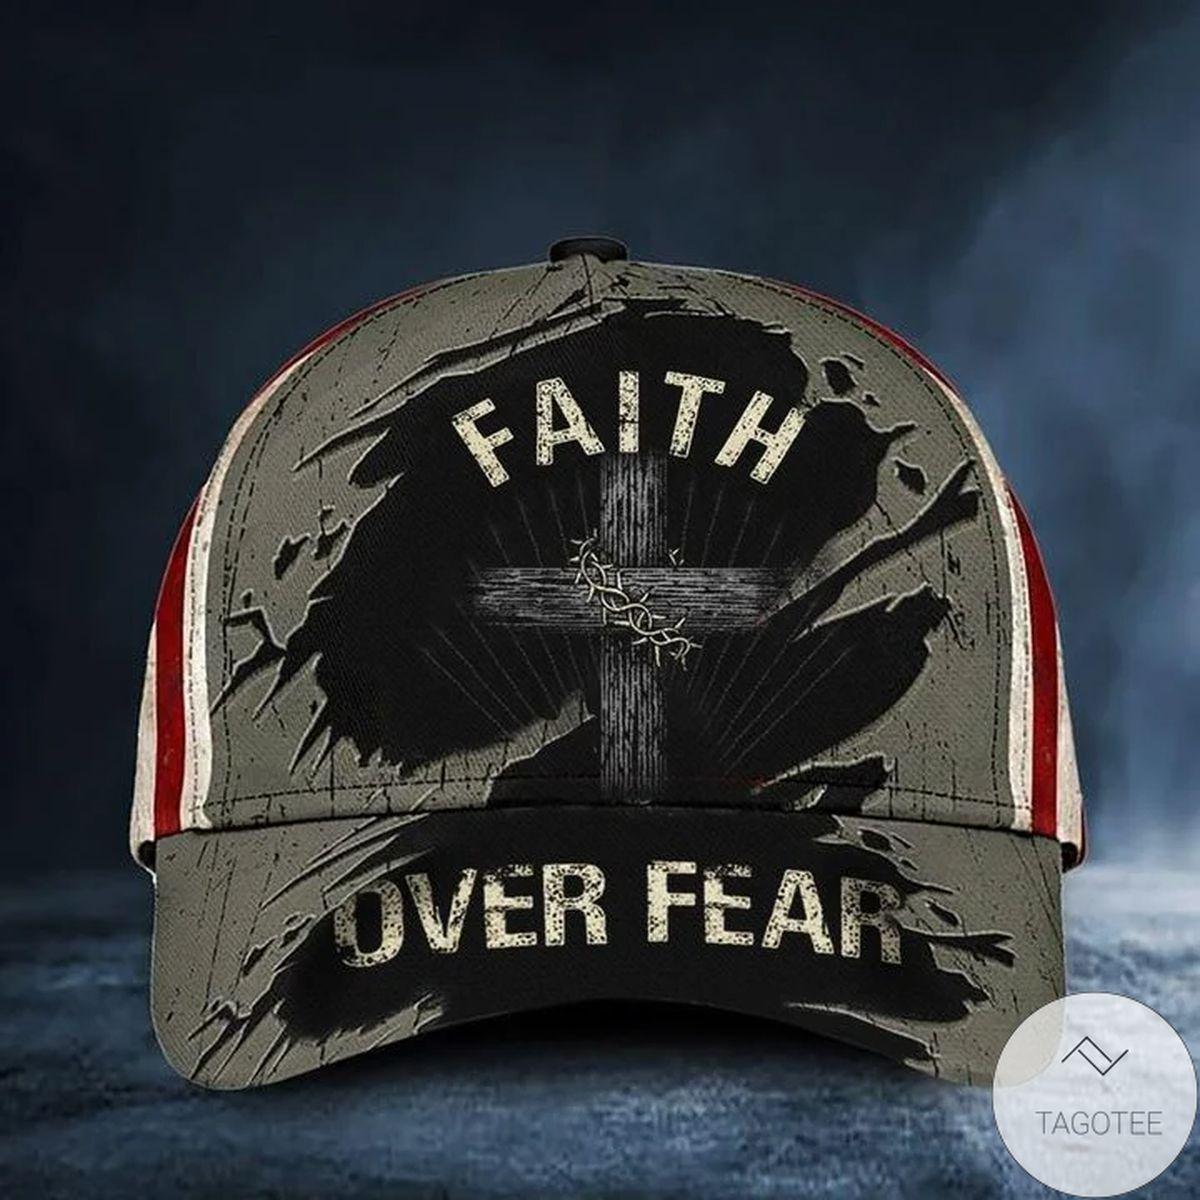 Cross Faith Over Fear Hat Vintage USA Flag Baseball Cap Religious Christian Gift For Men